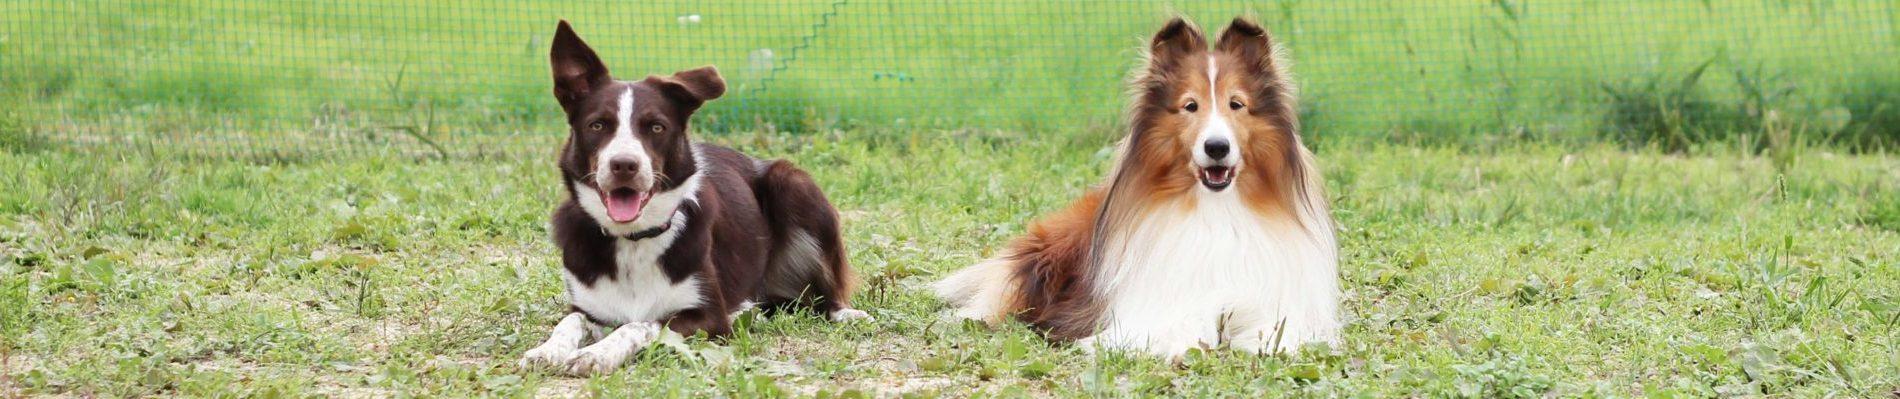 愛犬と一緒にトレーニングを始めてみませんか?